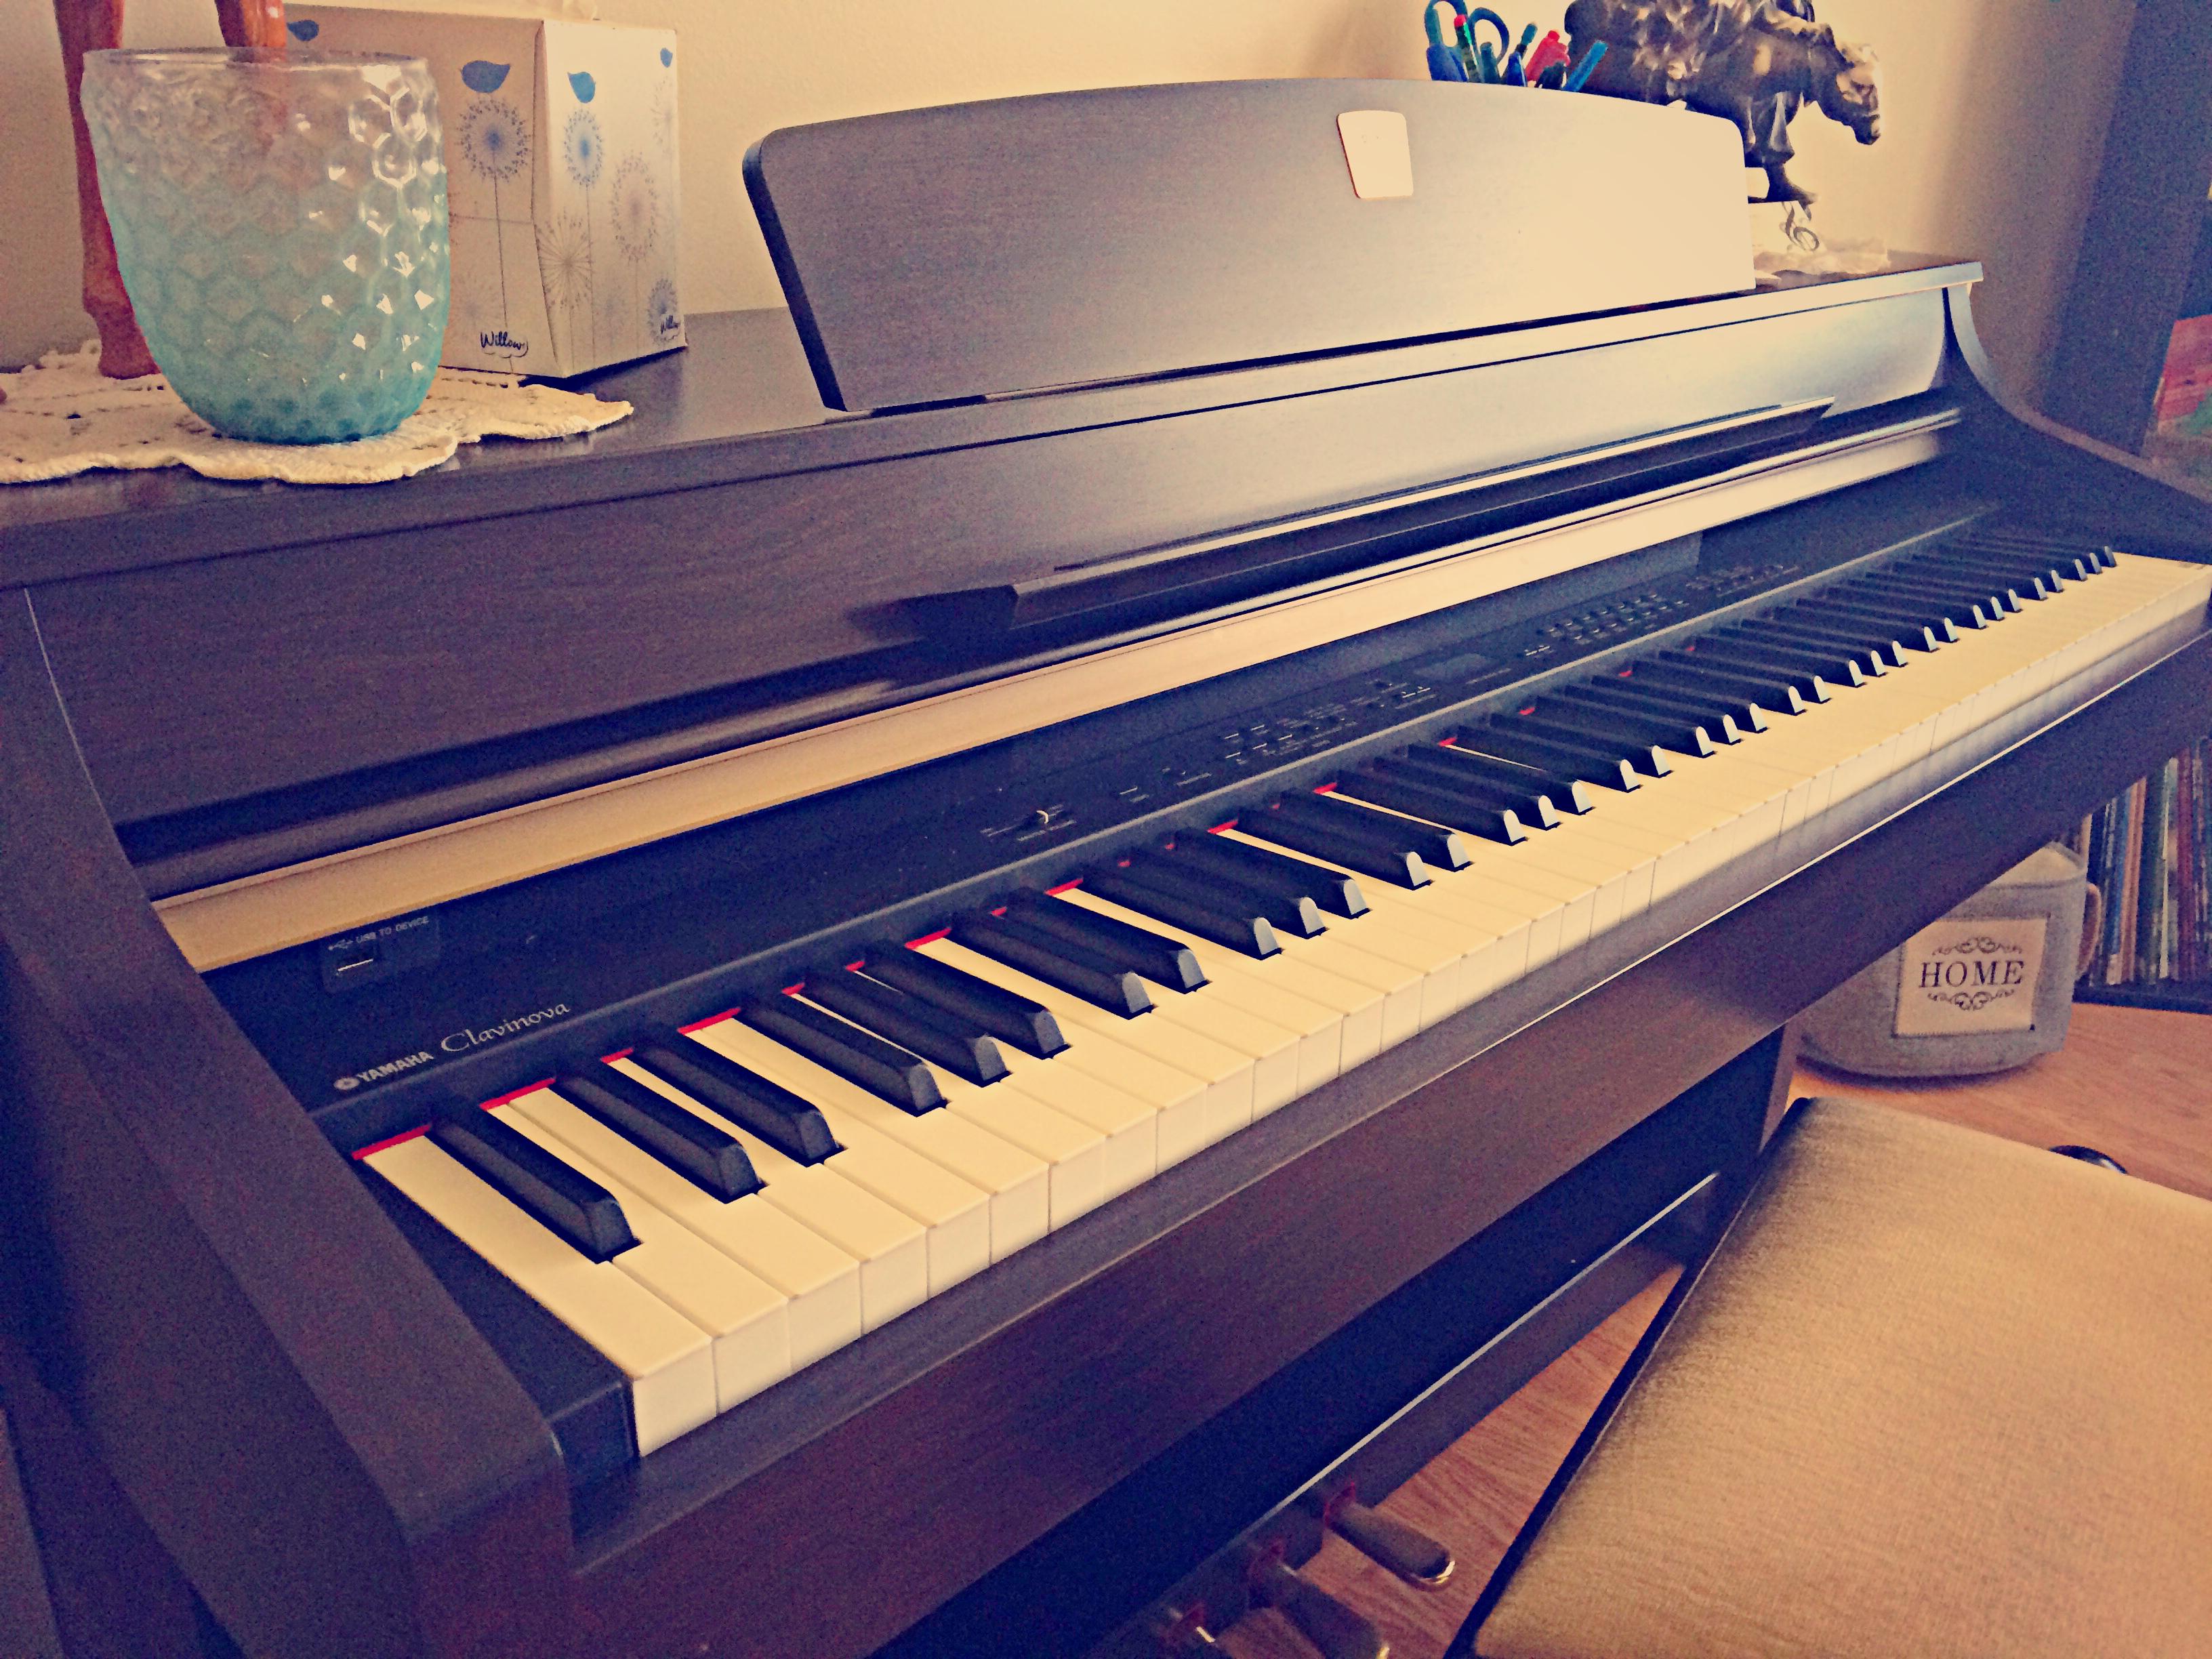 Piano cover pic